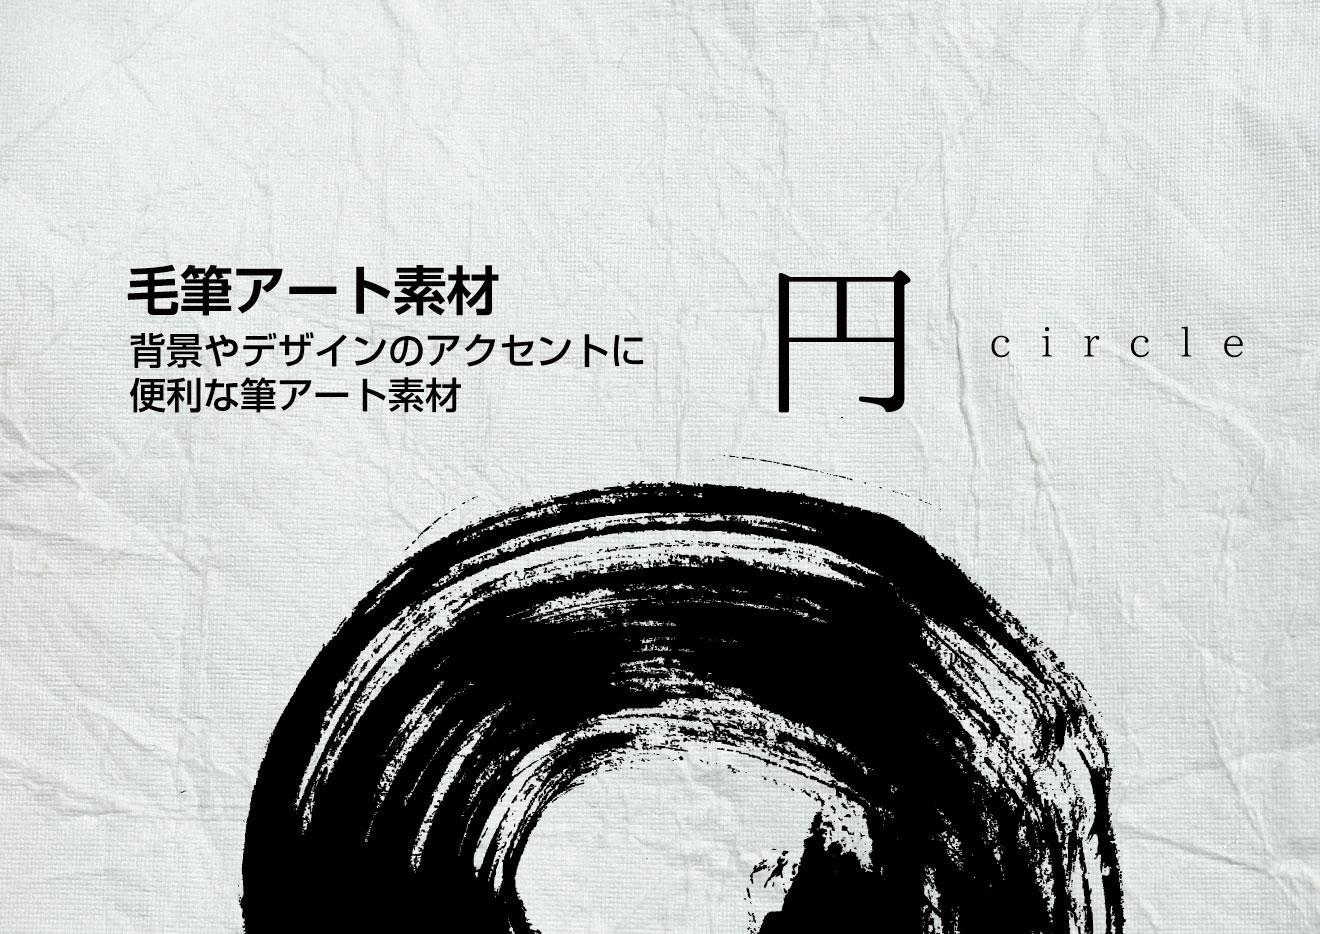 円の毛筆素材